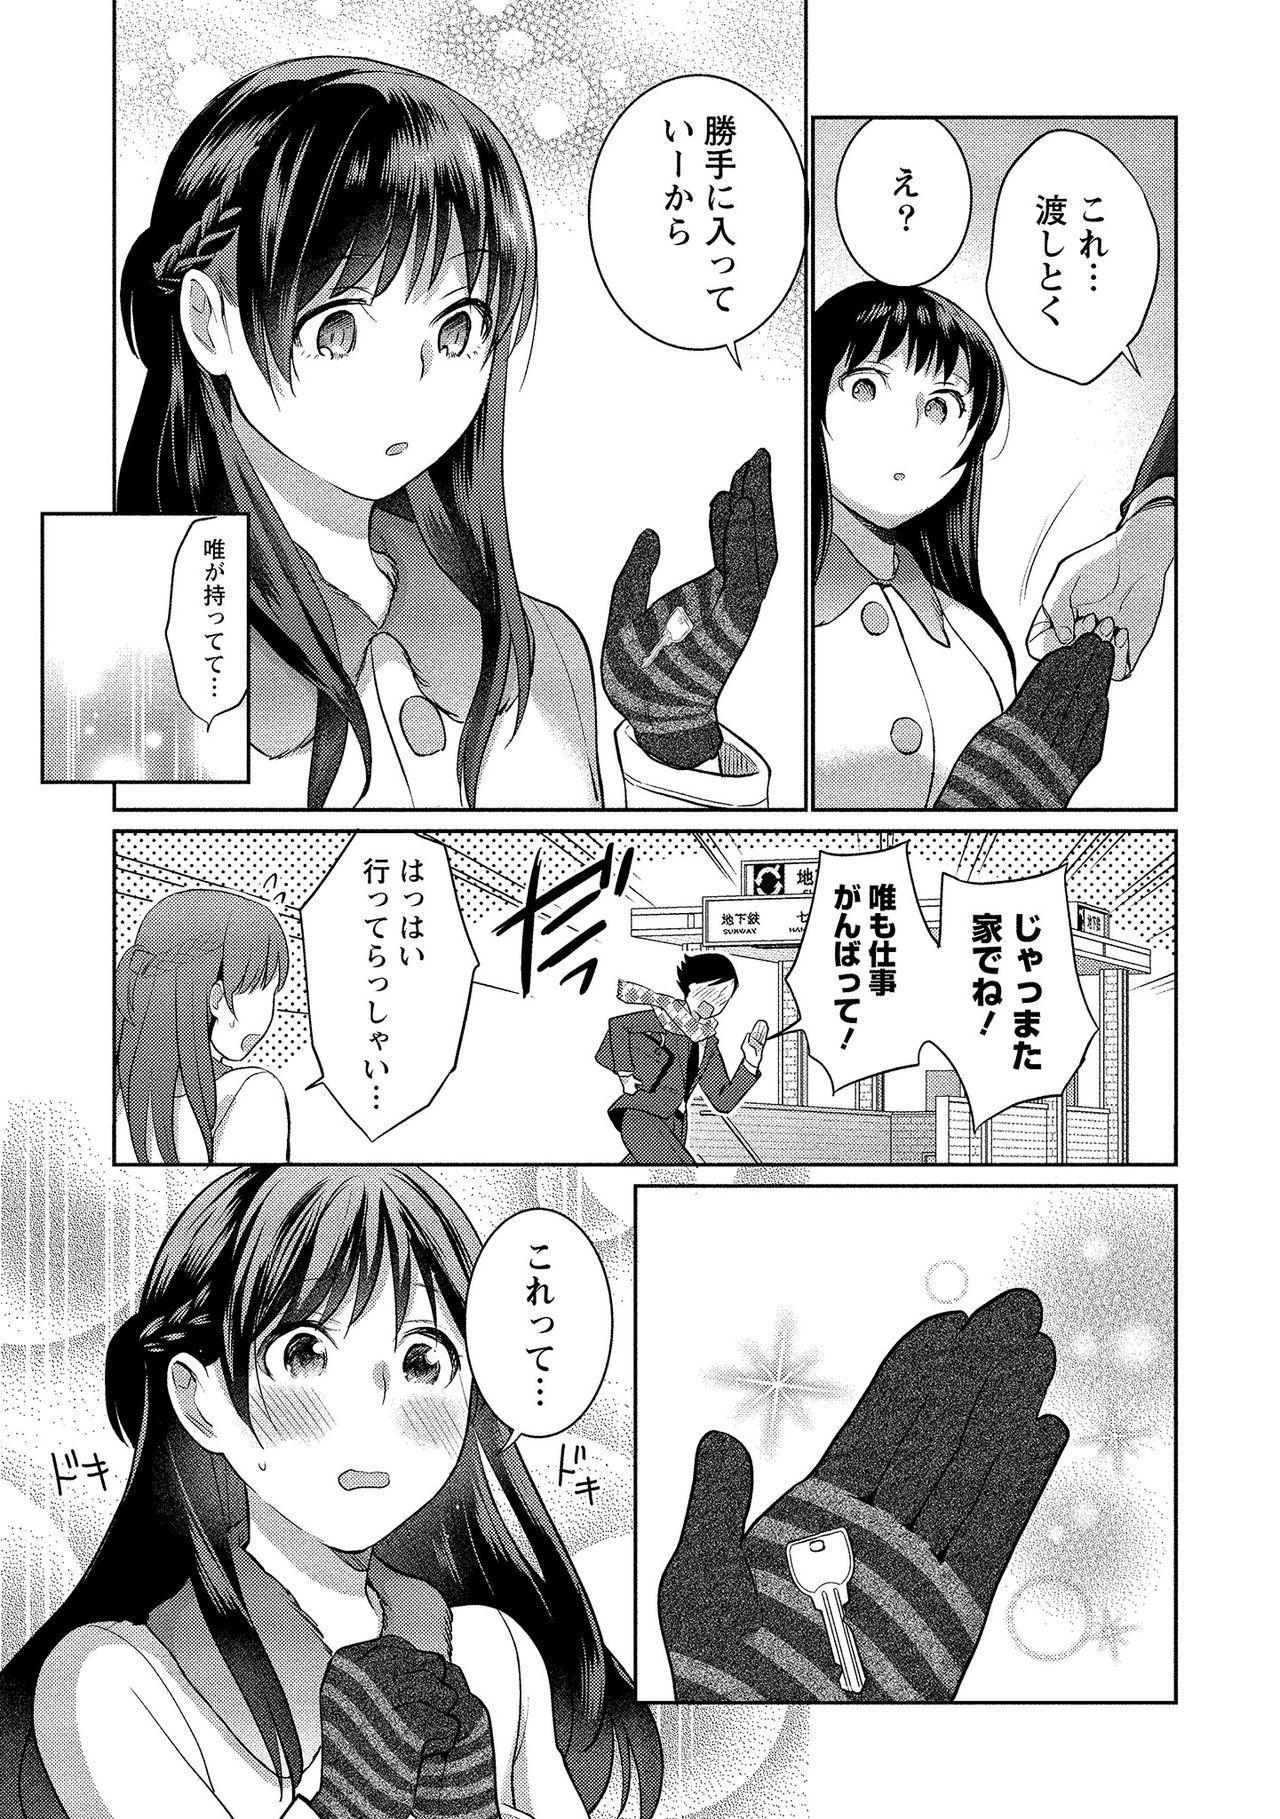 Dorobou Neko wa Kanojo no Hajimari 109